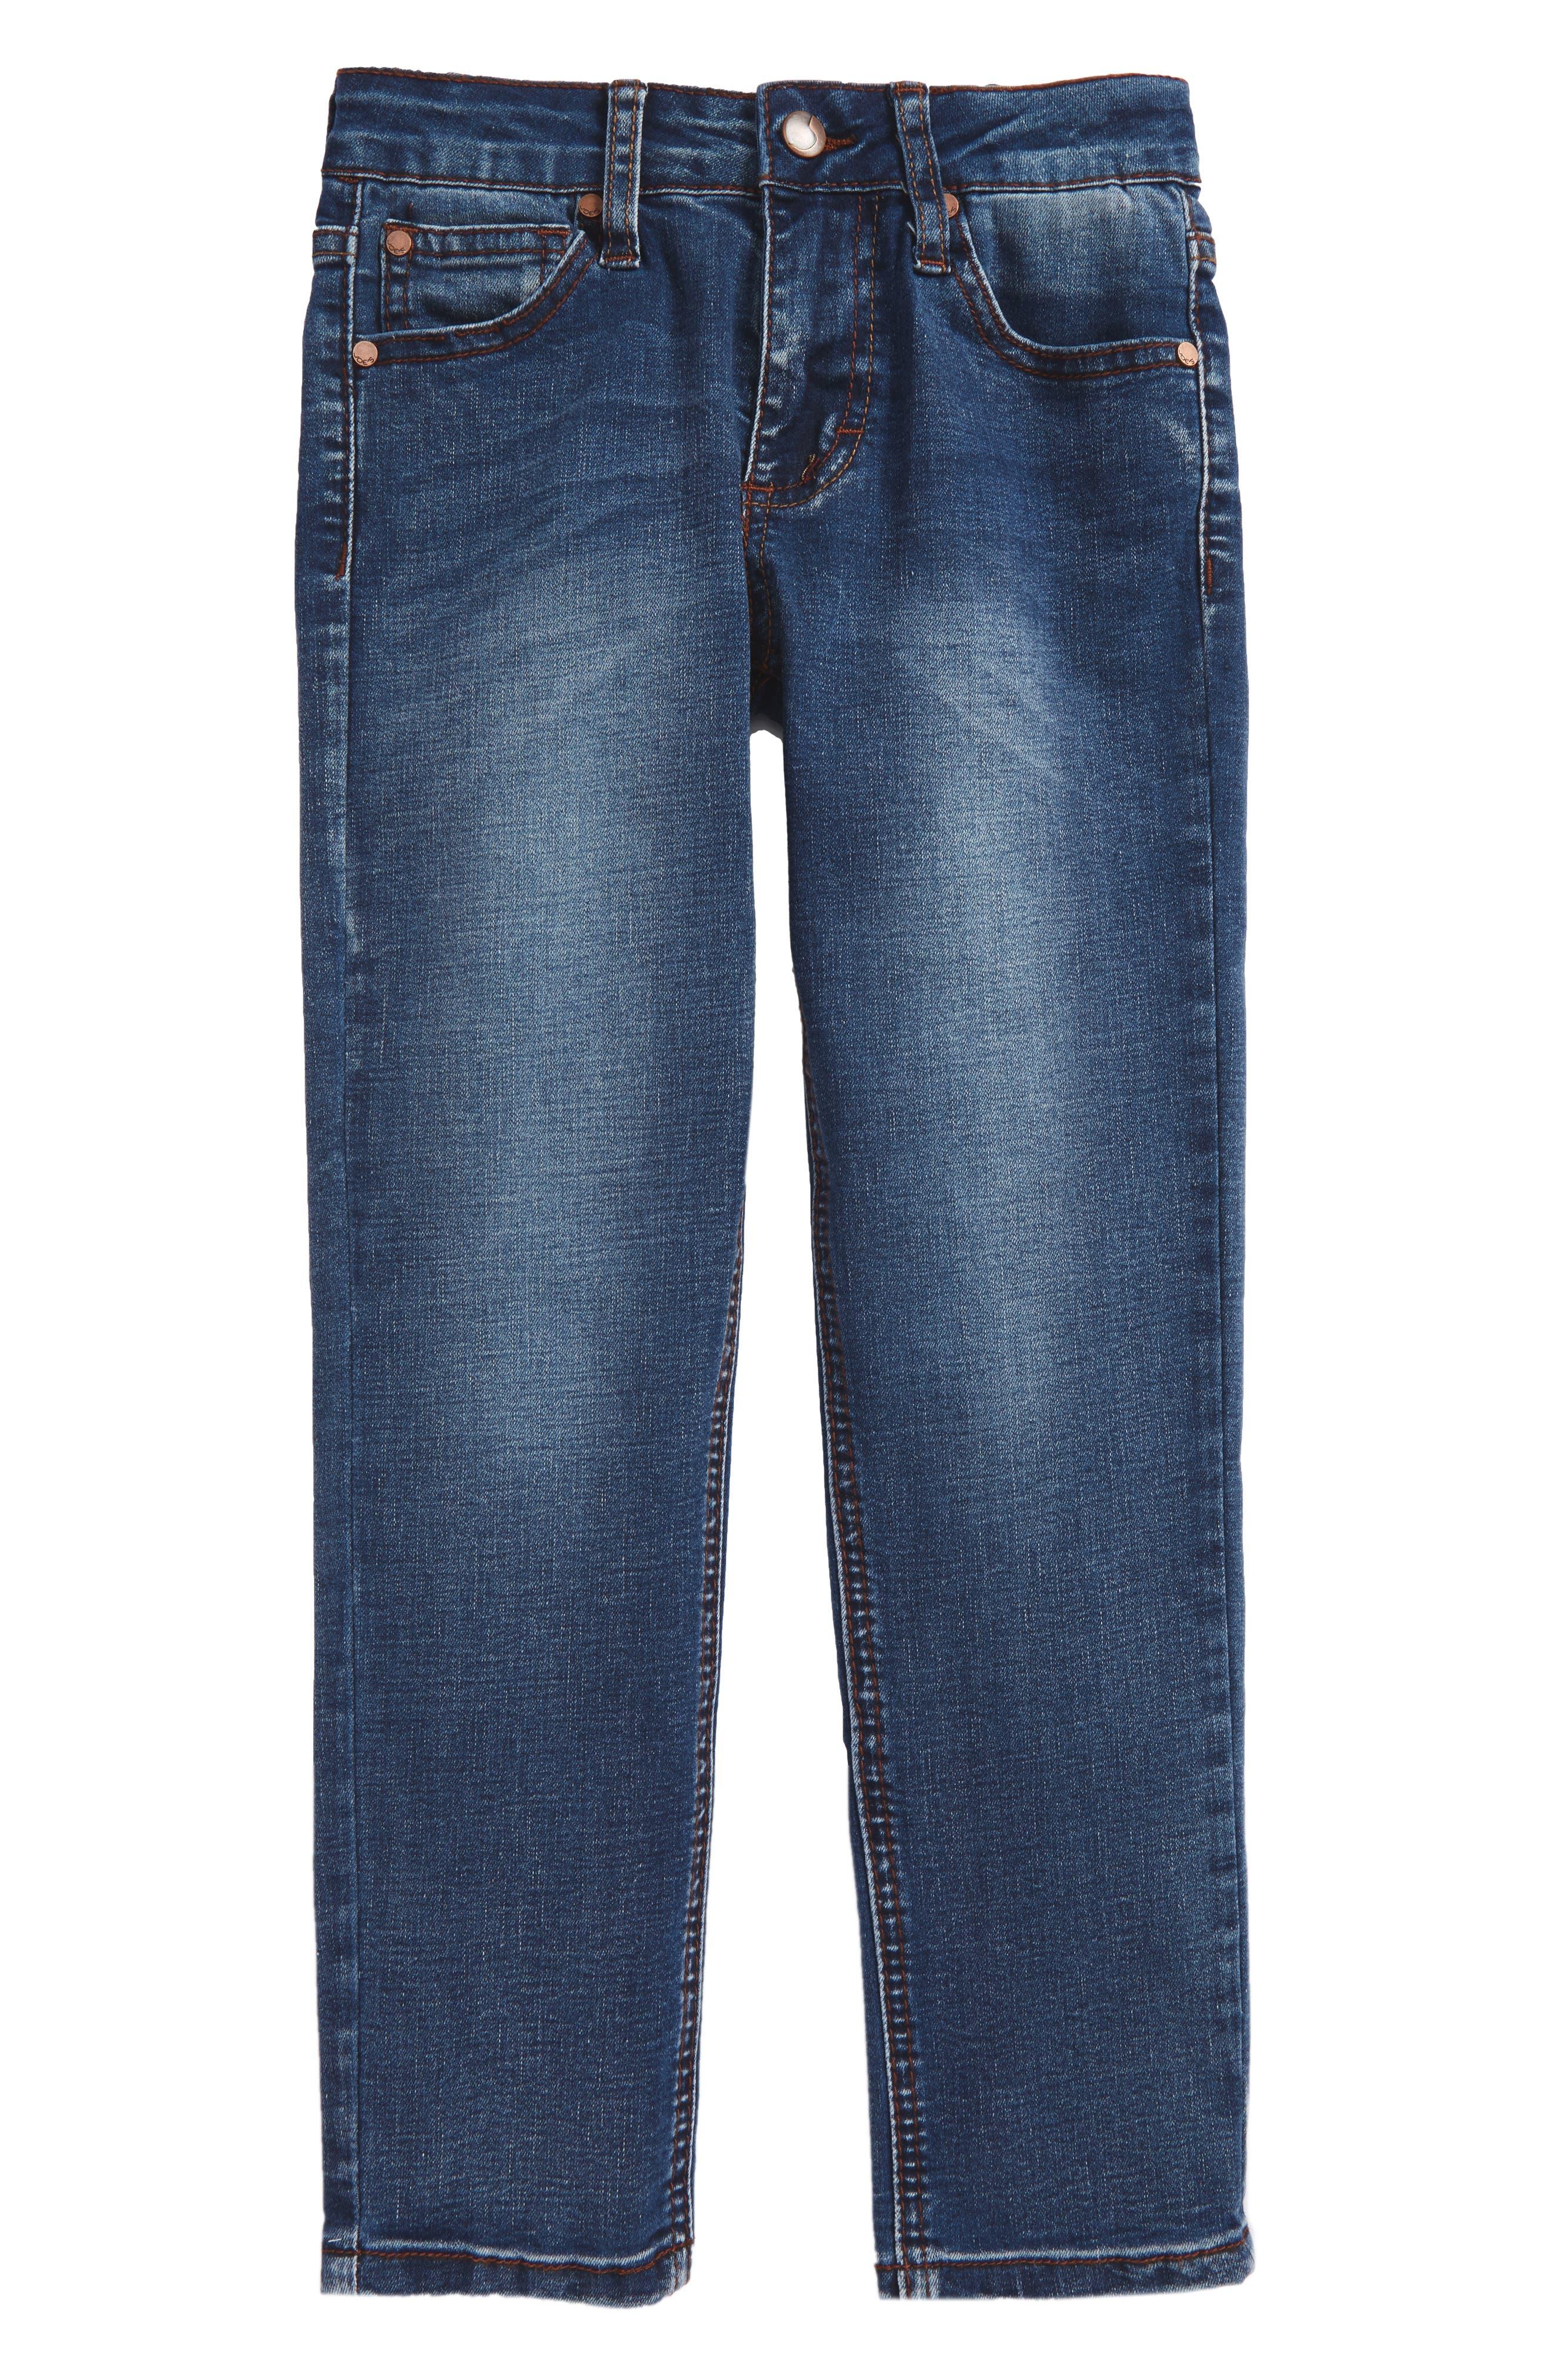 Brixton Slim Fit Stretch Jeans,                         Main,                         color, 455